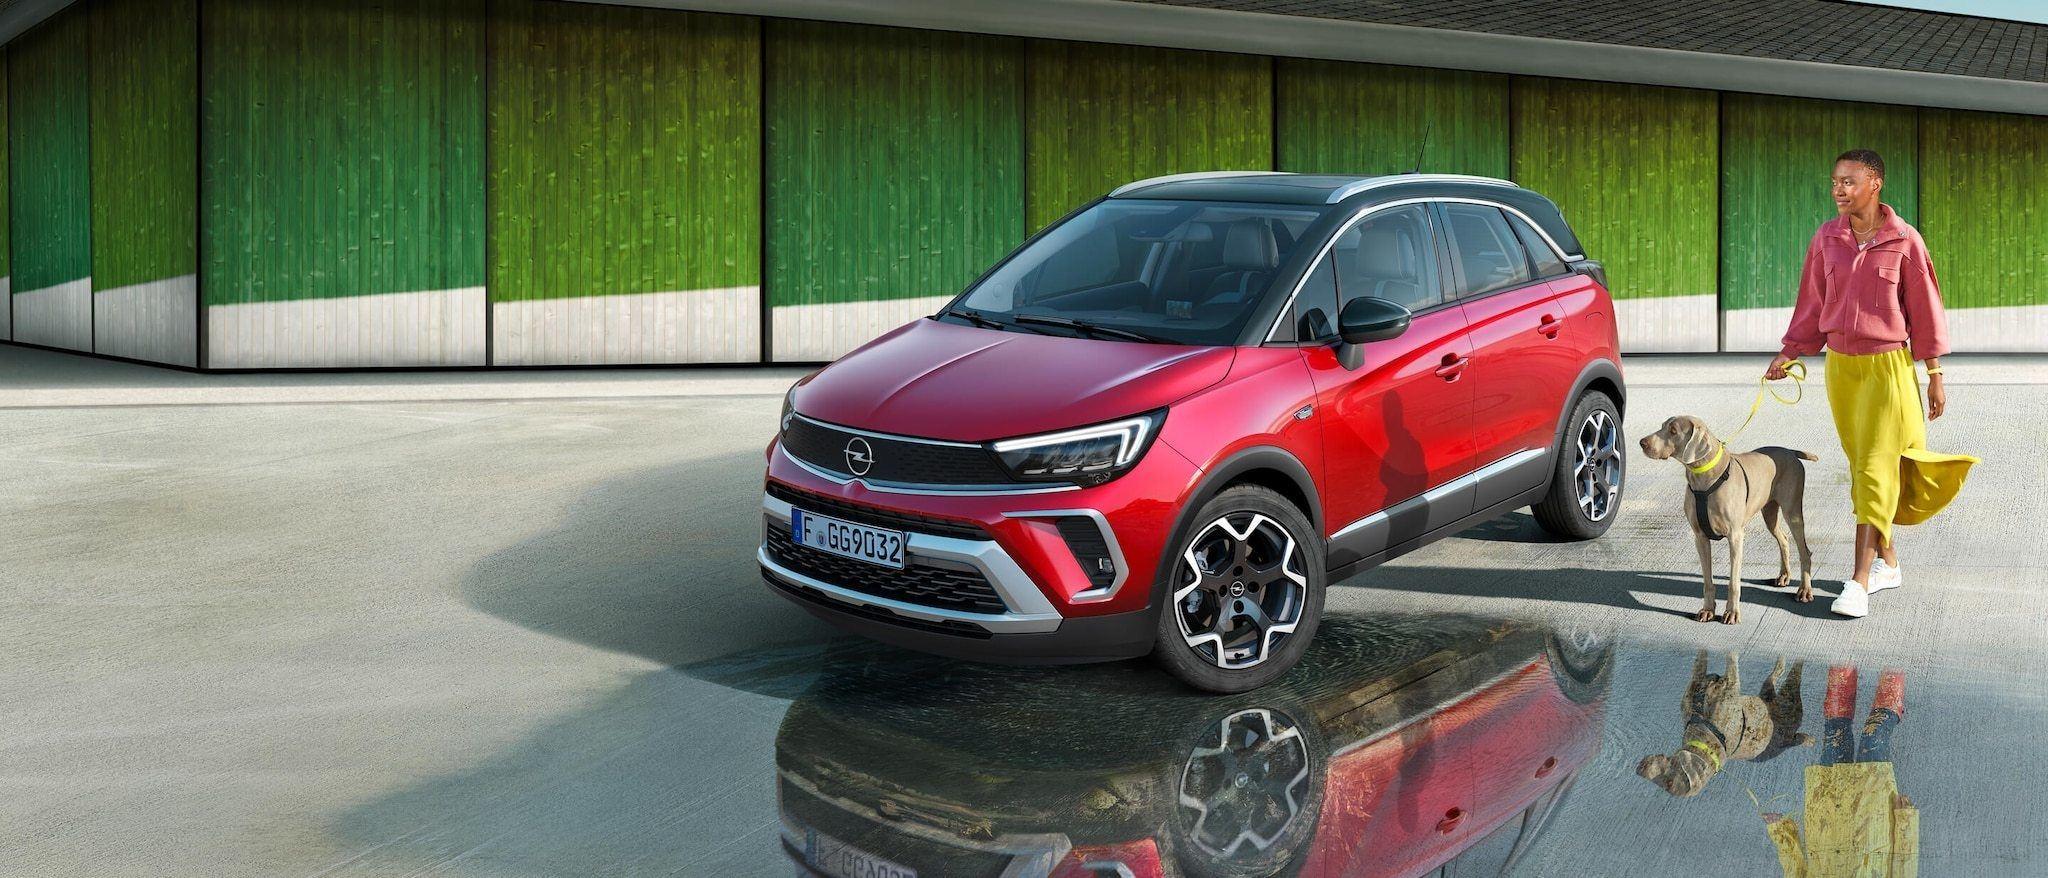 OFERTY PREMIEROWE. Najnowsze modele Opla już w sprzedaży. Już od 569 zł/mies.   Opel Flash.